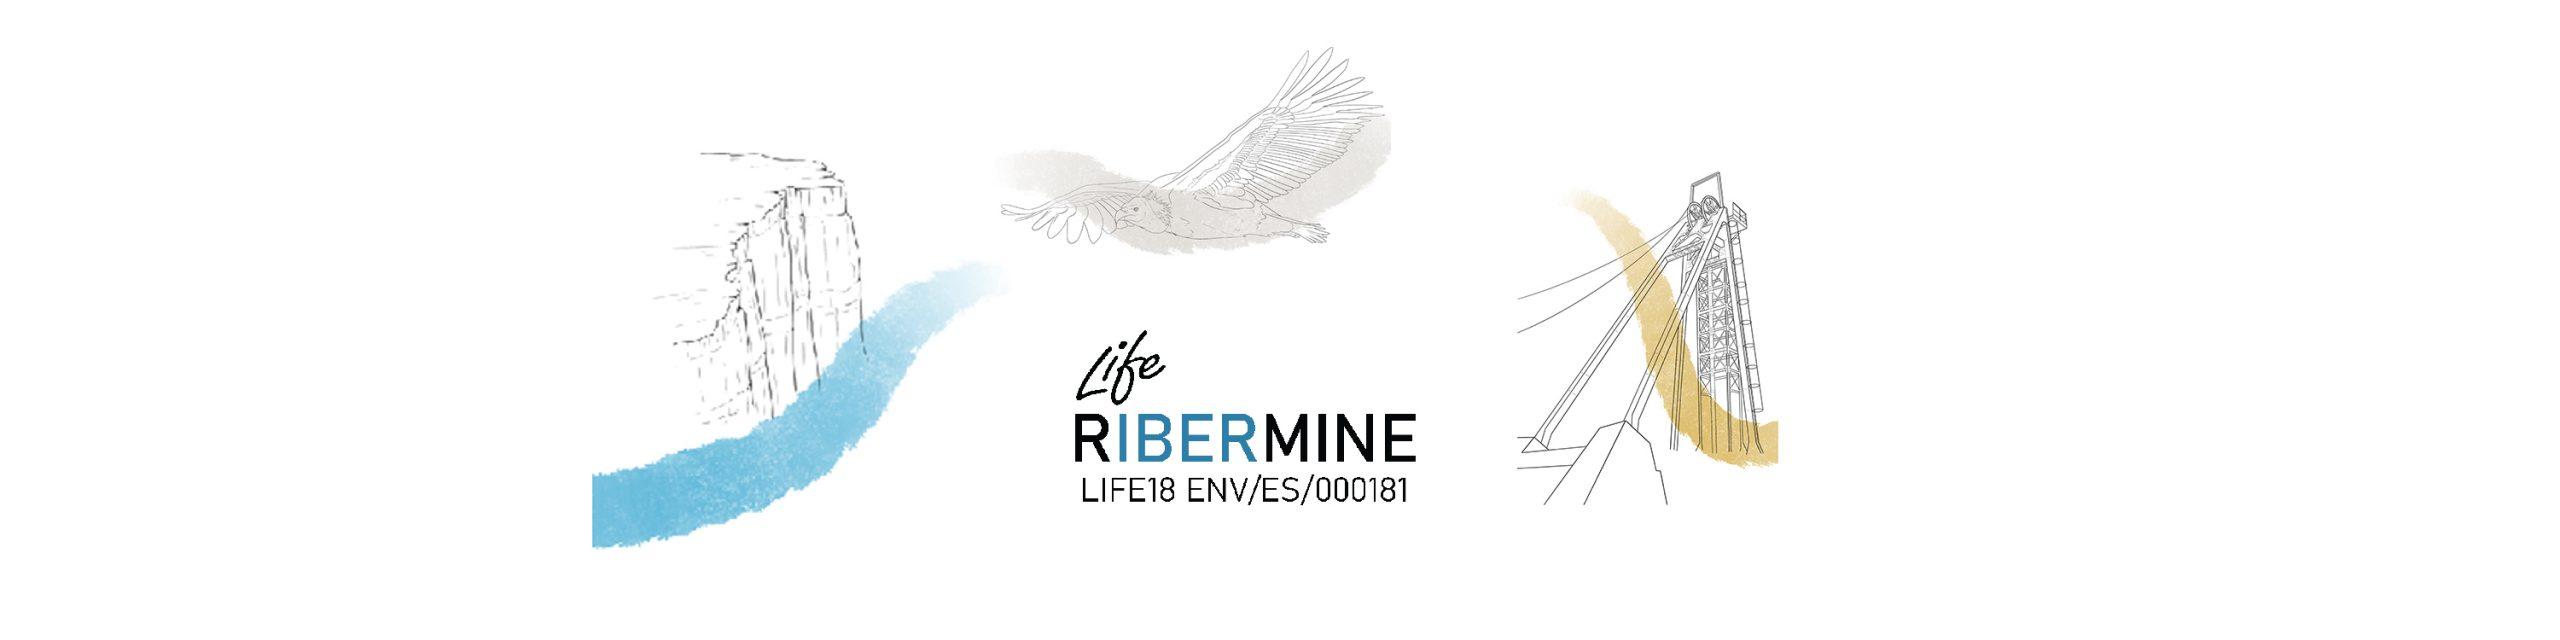 LIFE RIBERMINE is a featured new in the Máster de Restauración de Ecosistemas – MURE, at Universidade de Alcalá